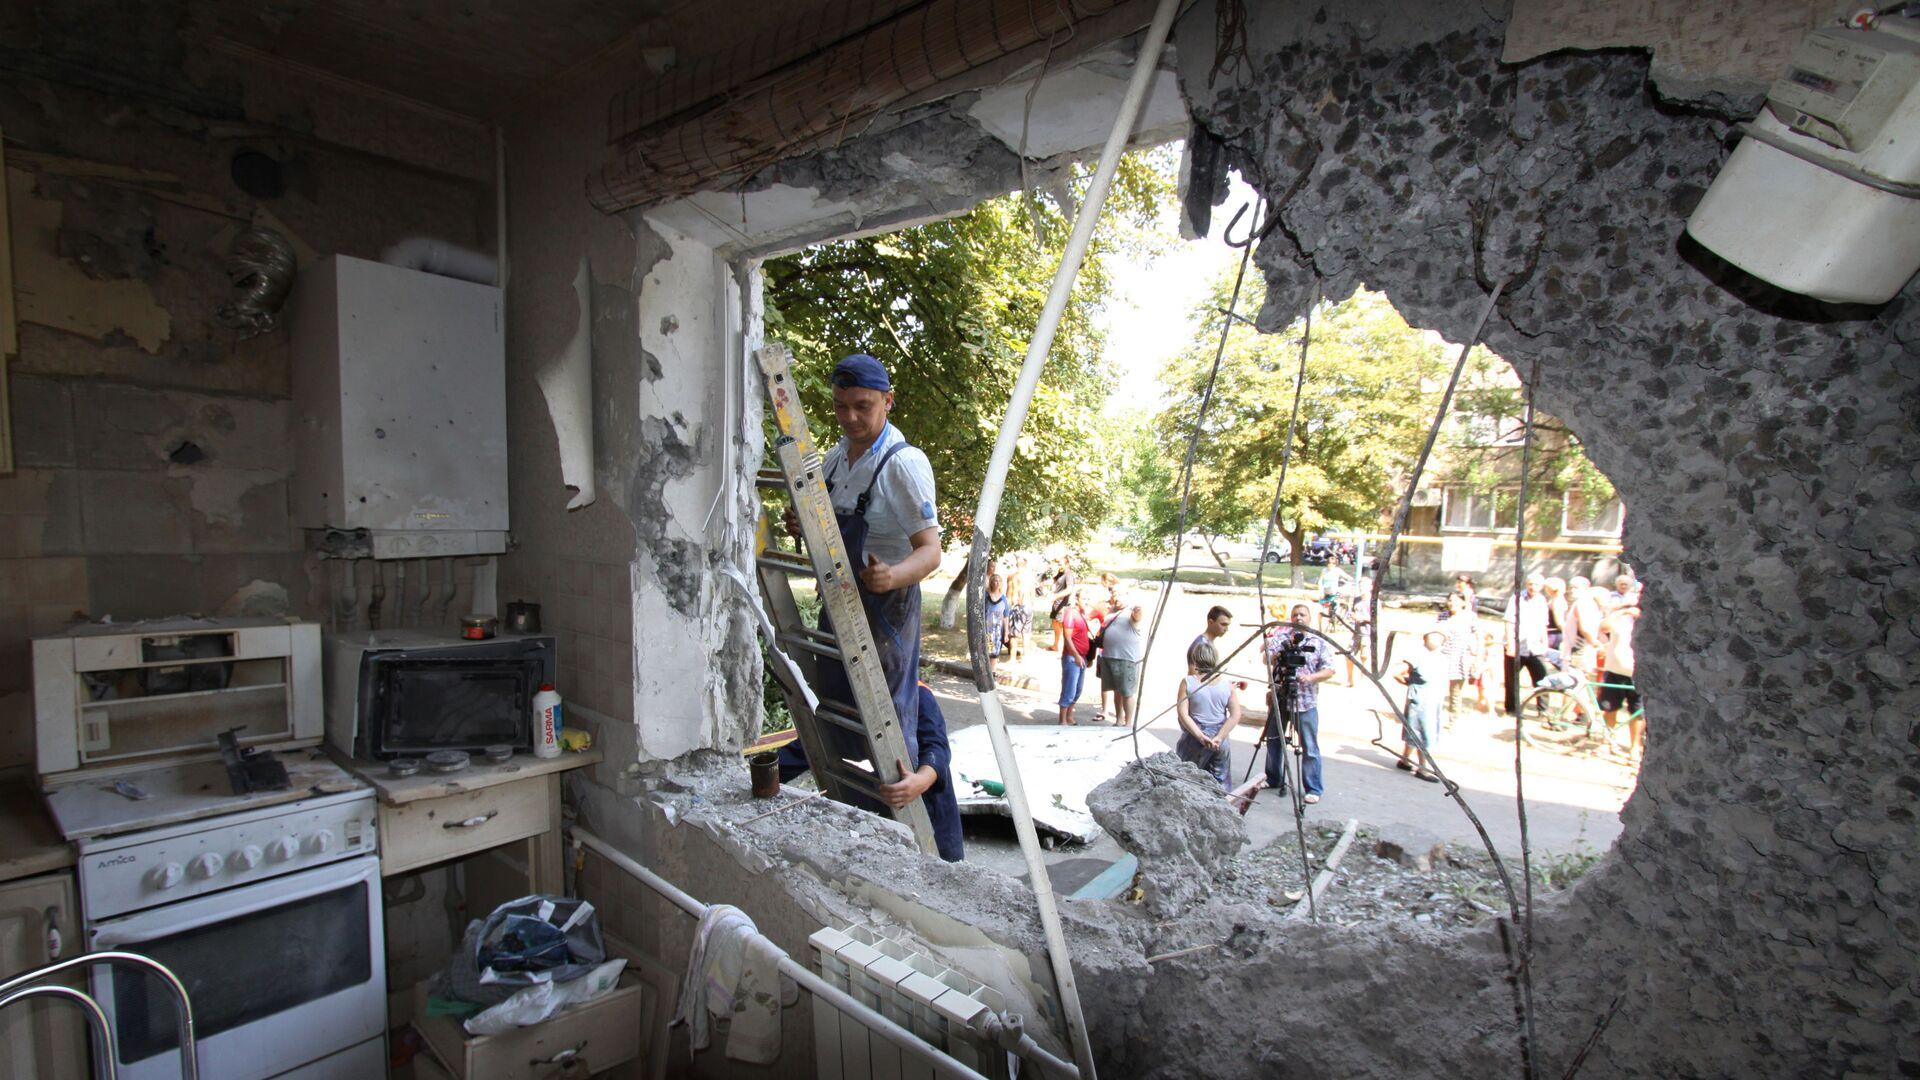 Zniszczone mieszkanie w Donbasie - Sputnik Polska, 1920, 31.07.2021